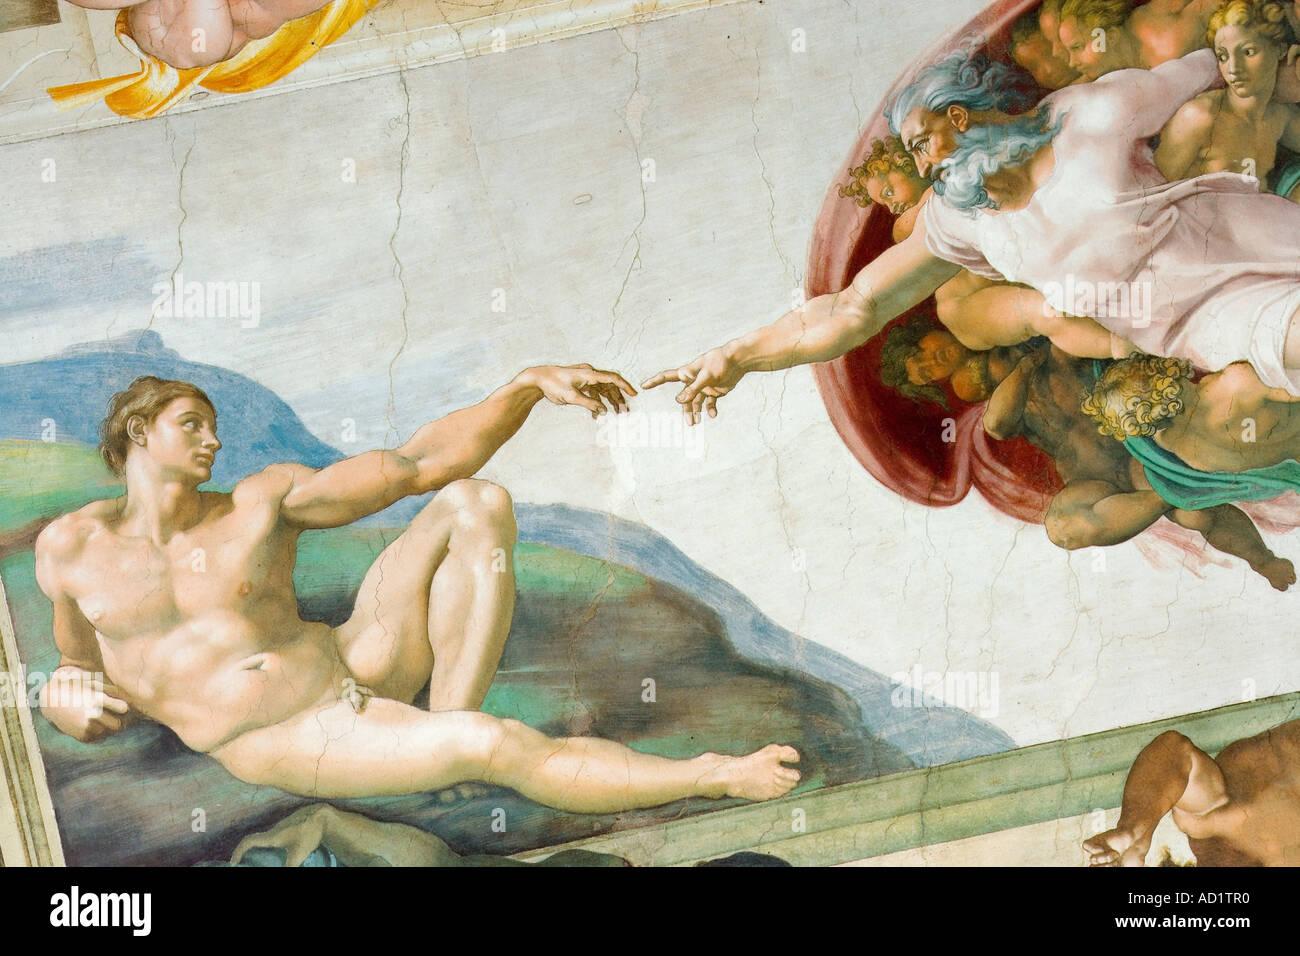 Peinture De Plafond De Michel Ange Chapelle Sixtine Vatican Rome Photo Stock Alamy